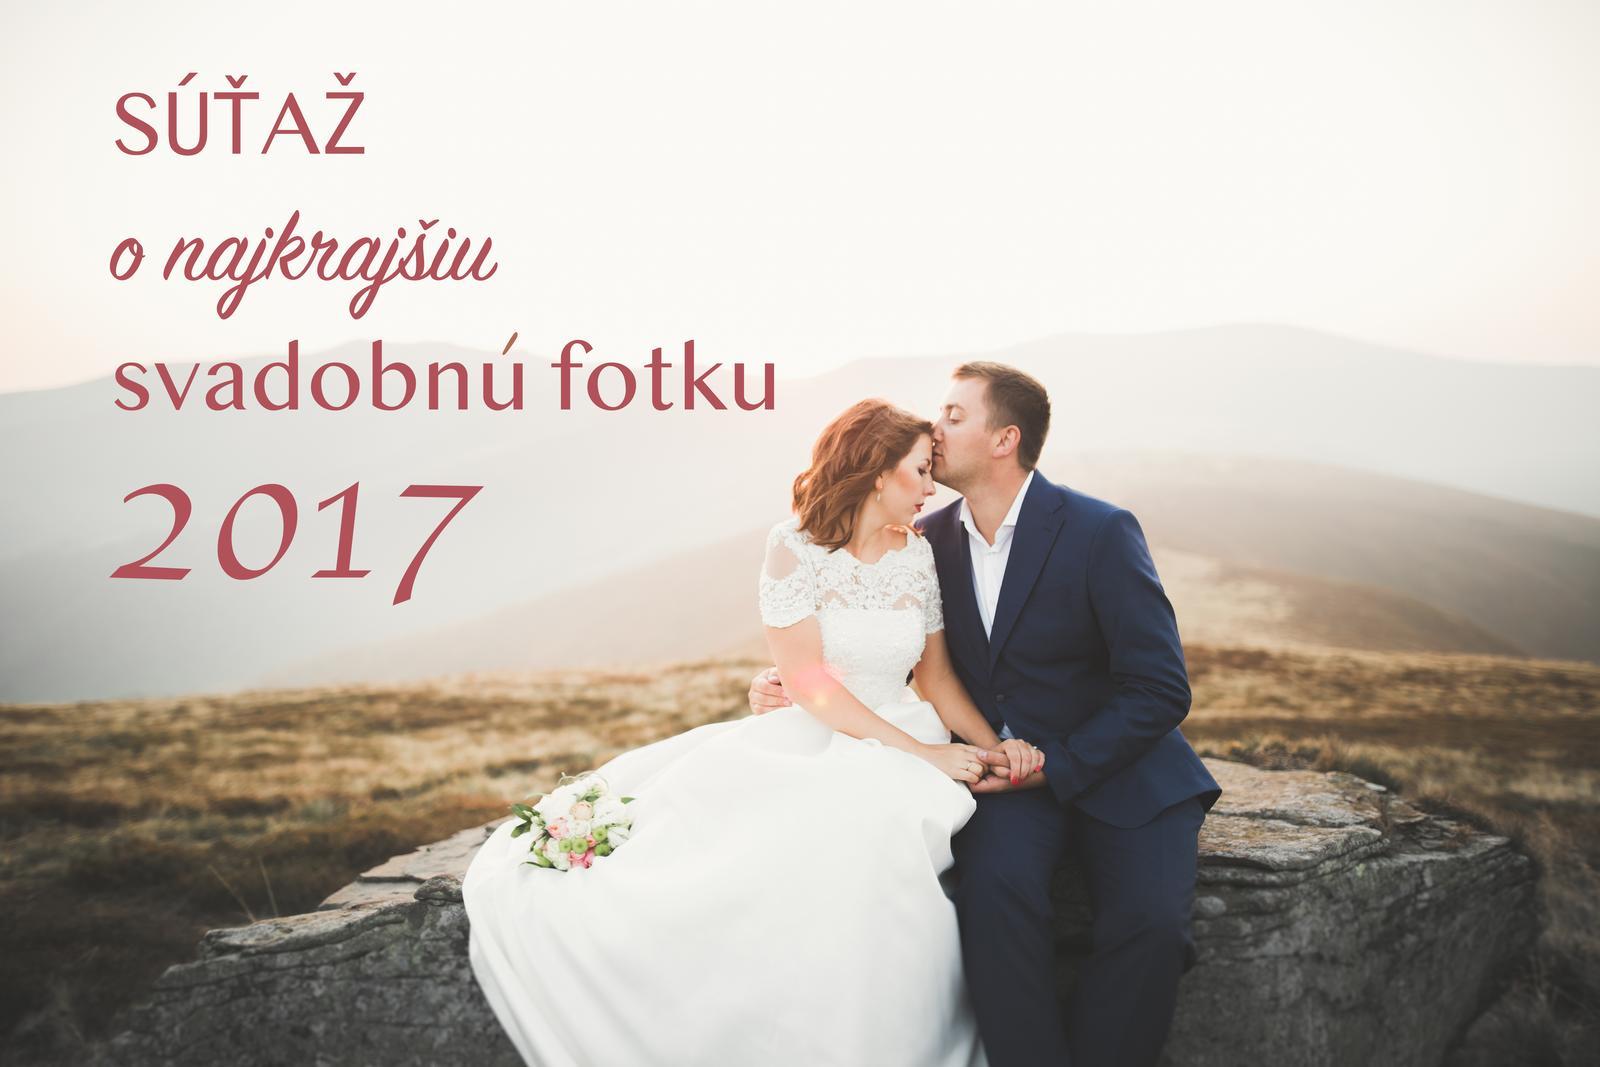 Minuloročné nevesty, dúfam, že ste ešte tu :) práve sme spustili Súťaž o najkrajšiu svadobnú fotku 2017: https://www.mojasvadba.sk/forum/mojasvadba-sk/sutaz-hladame-najkrajsiu-svadobnu-fotku-roka-2017-na-mojasvadba-sk Zapojíte sa do súťaže aj vy? Mohli by sme si minuloročnú skvelú svadobnú sezónu ešte poslednýkrát zrekapitulovať, pripomenúť si tie nádherné svadobné okamihy, ktoré ste prežili a ako bonus 3 z vás môžu získať malé ceny. :) - Obrázok č. 1